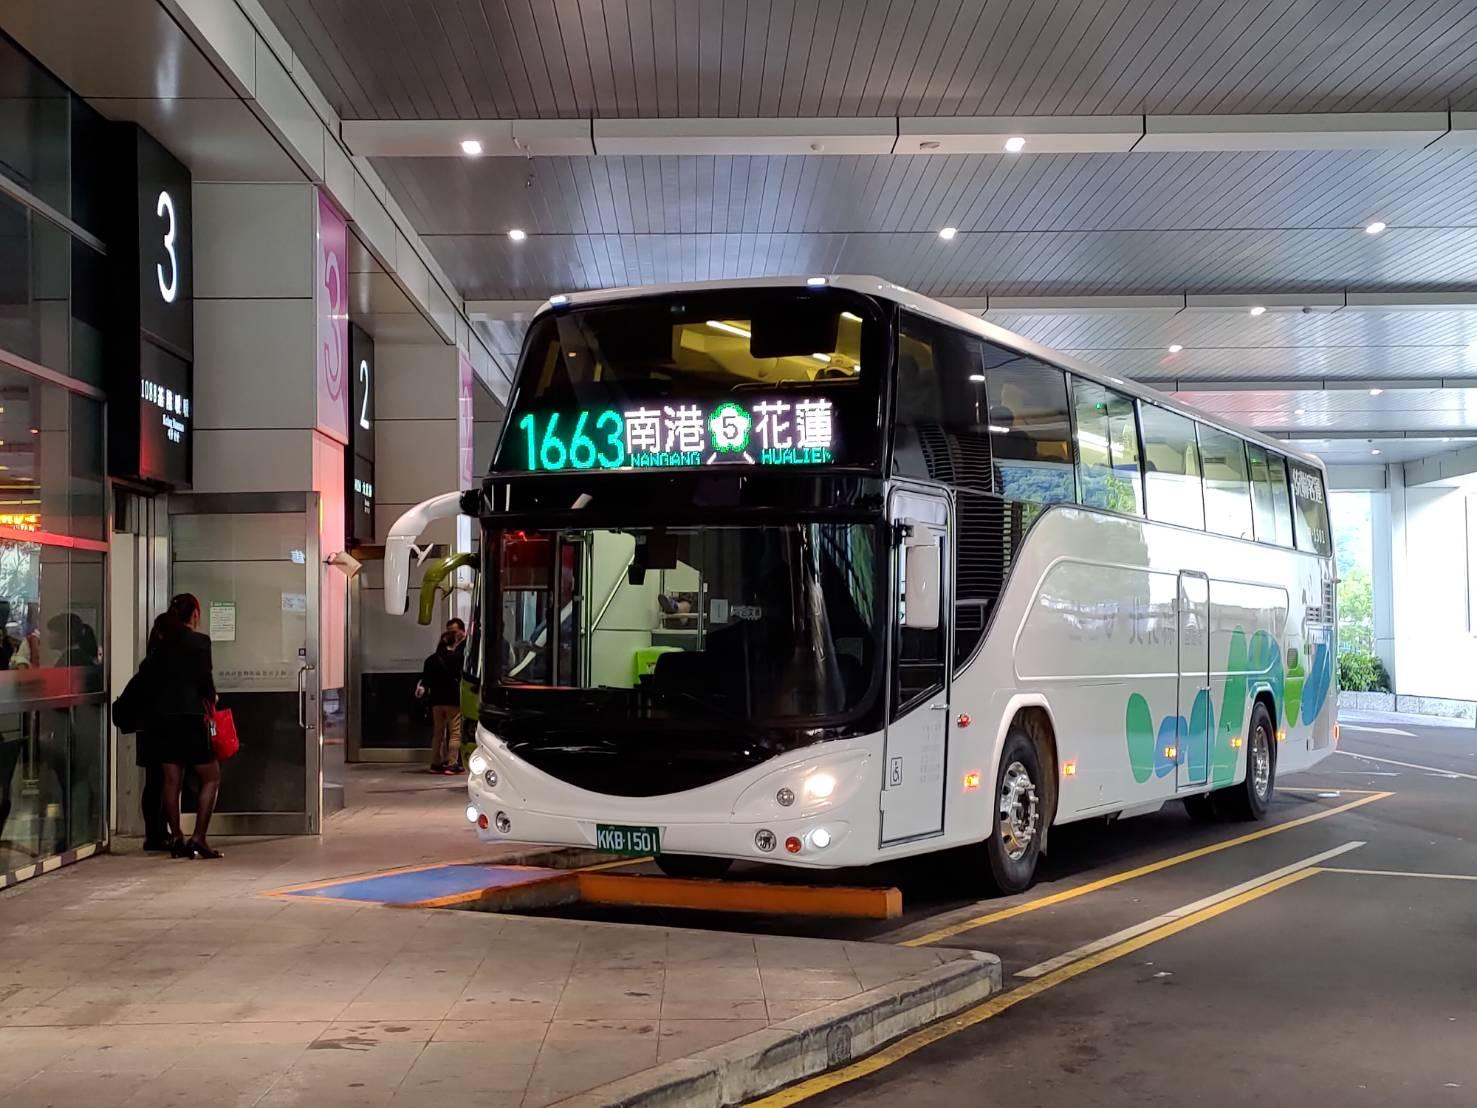 【버스티켓】 타이베이 난강 - 화련 UBUS 1663번 할인 승차권